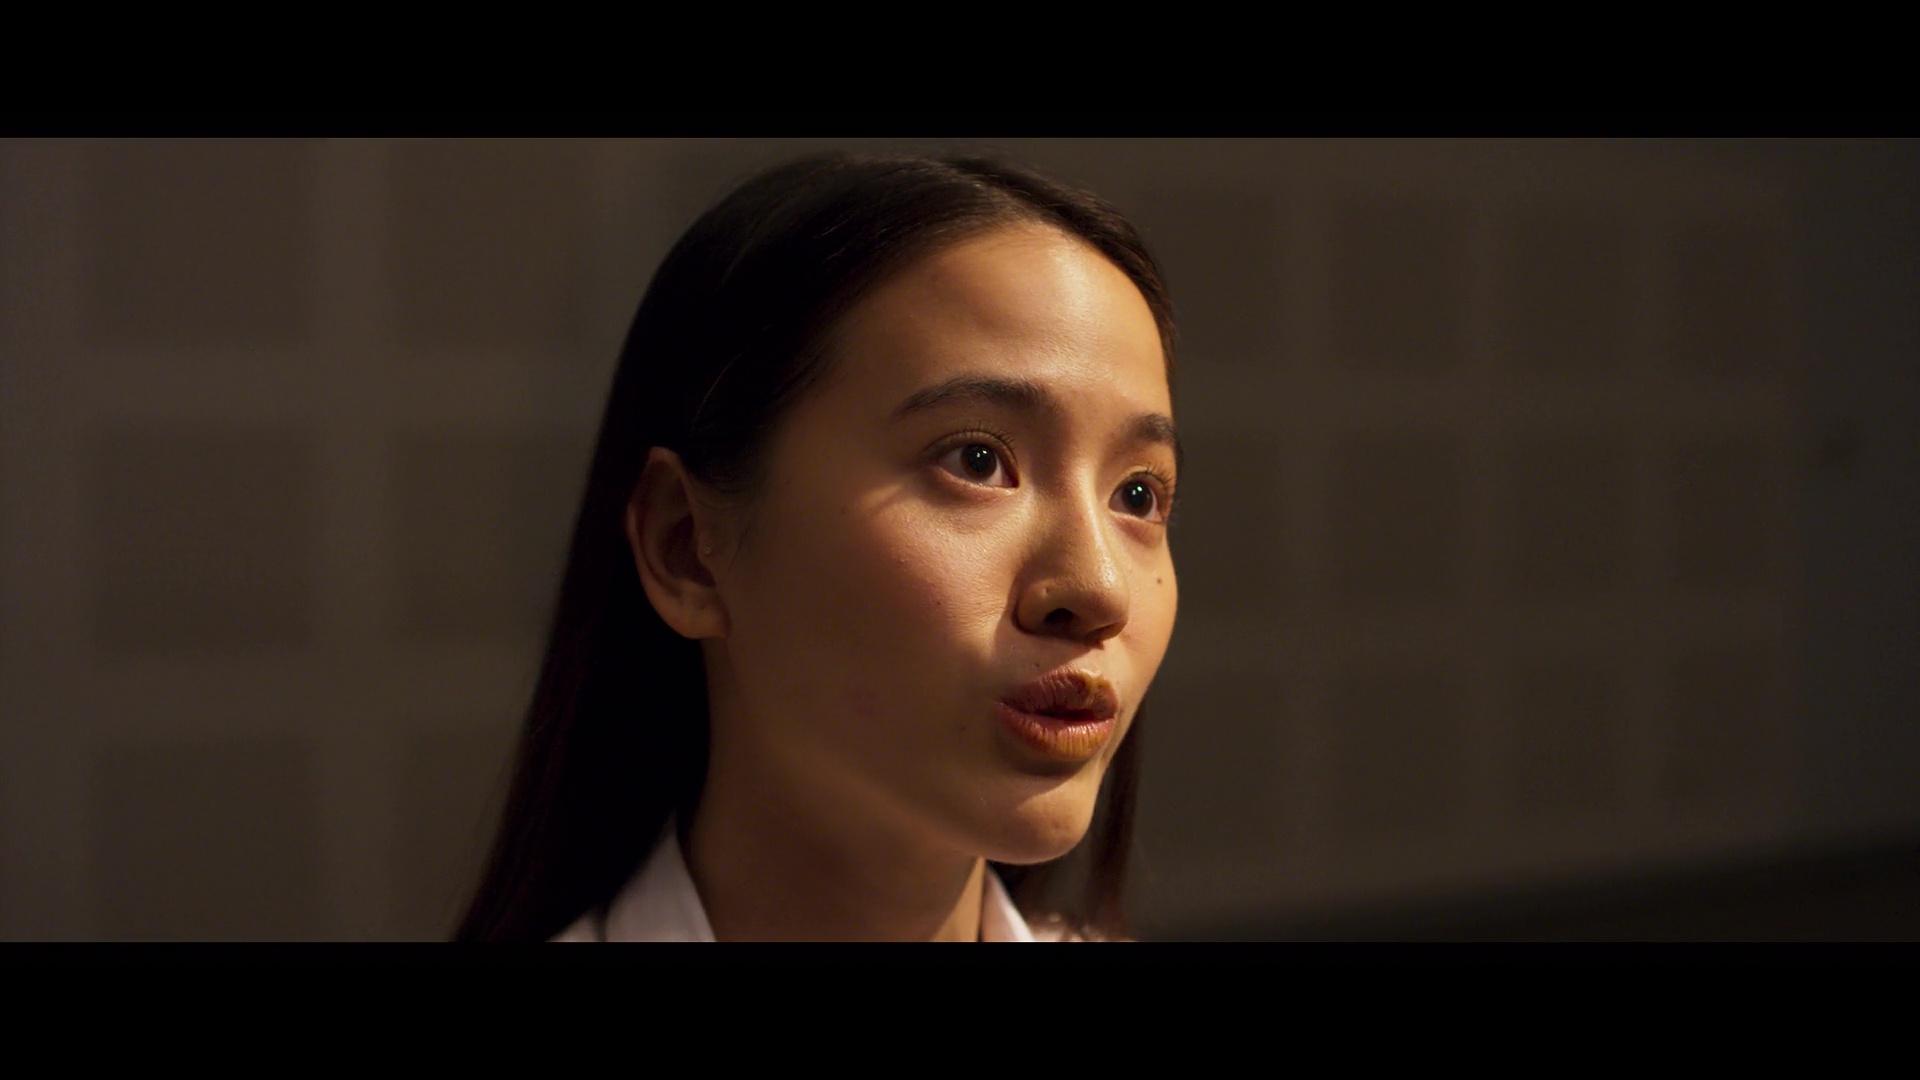 Sueño mortal (2021) 1080p WEB-DL Latino